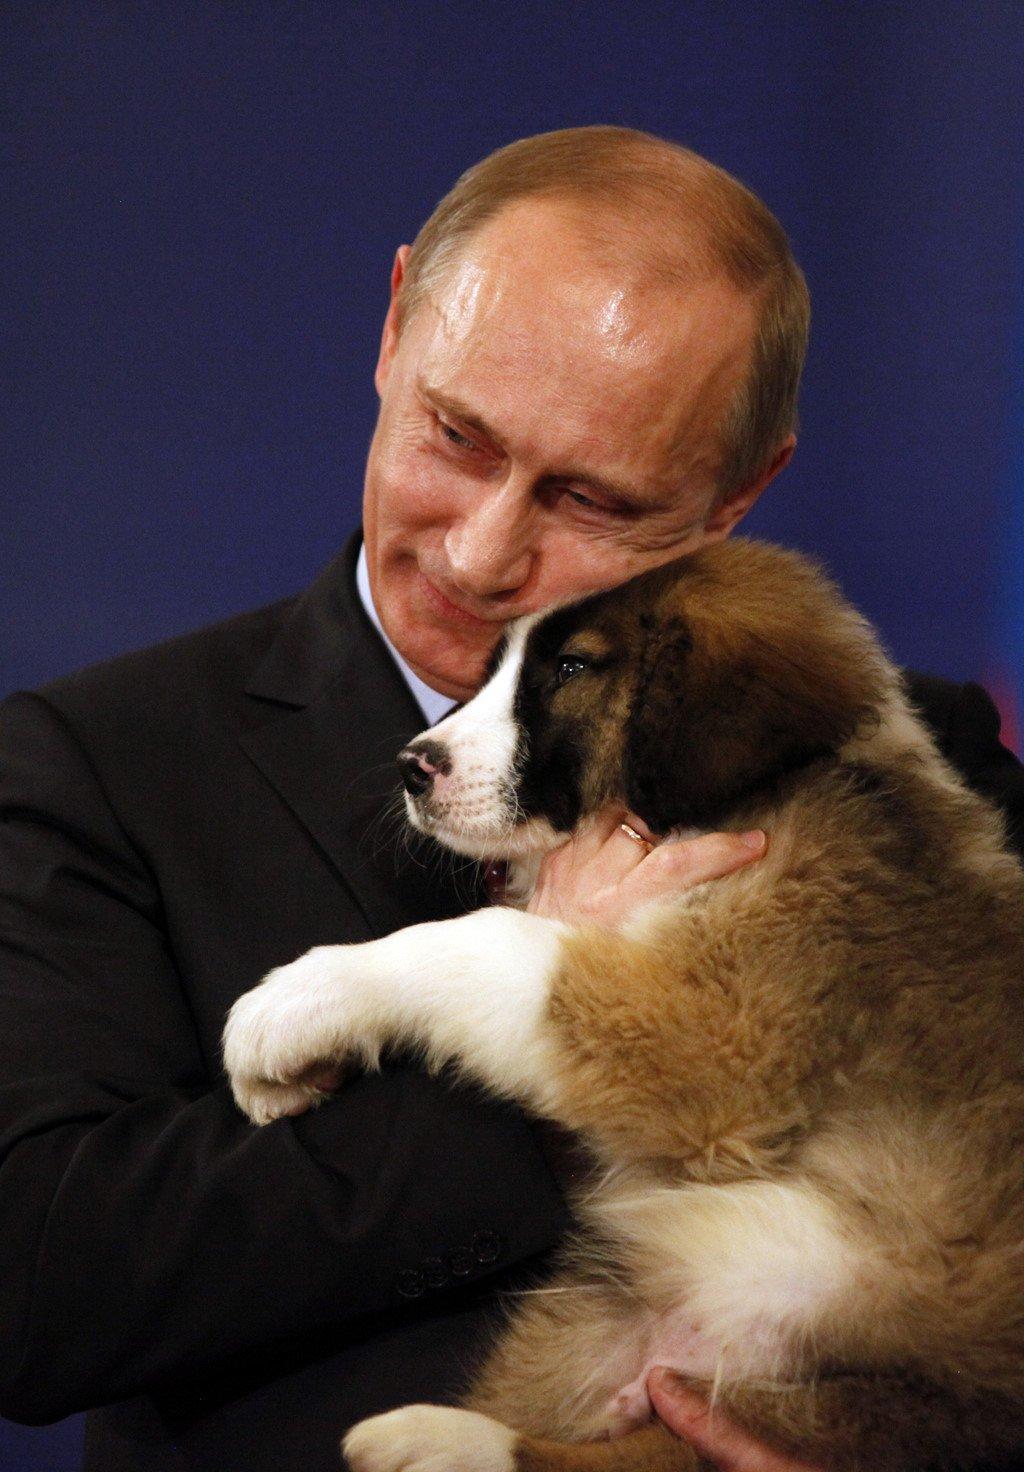 Tiêu điểm - Tiết lộ bí mật thú vị về những chú chó của Tổng thống Nga Putin (Hình 3).